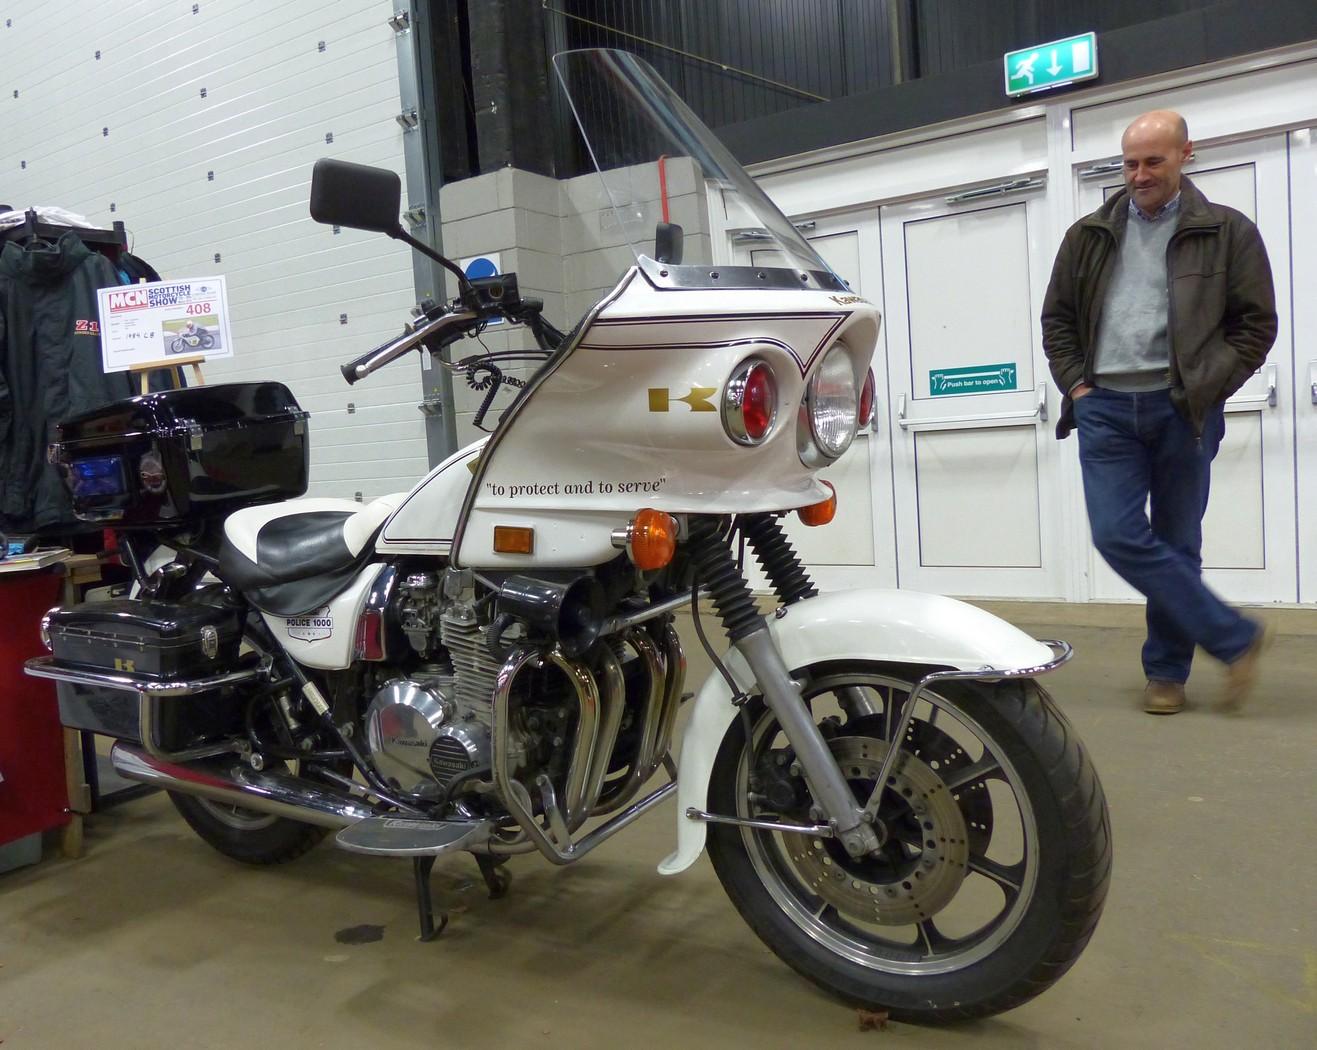 KawasakiPoliceMotorcycle16